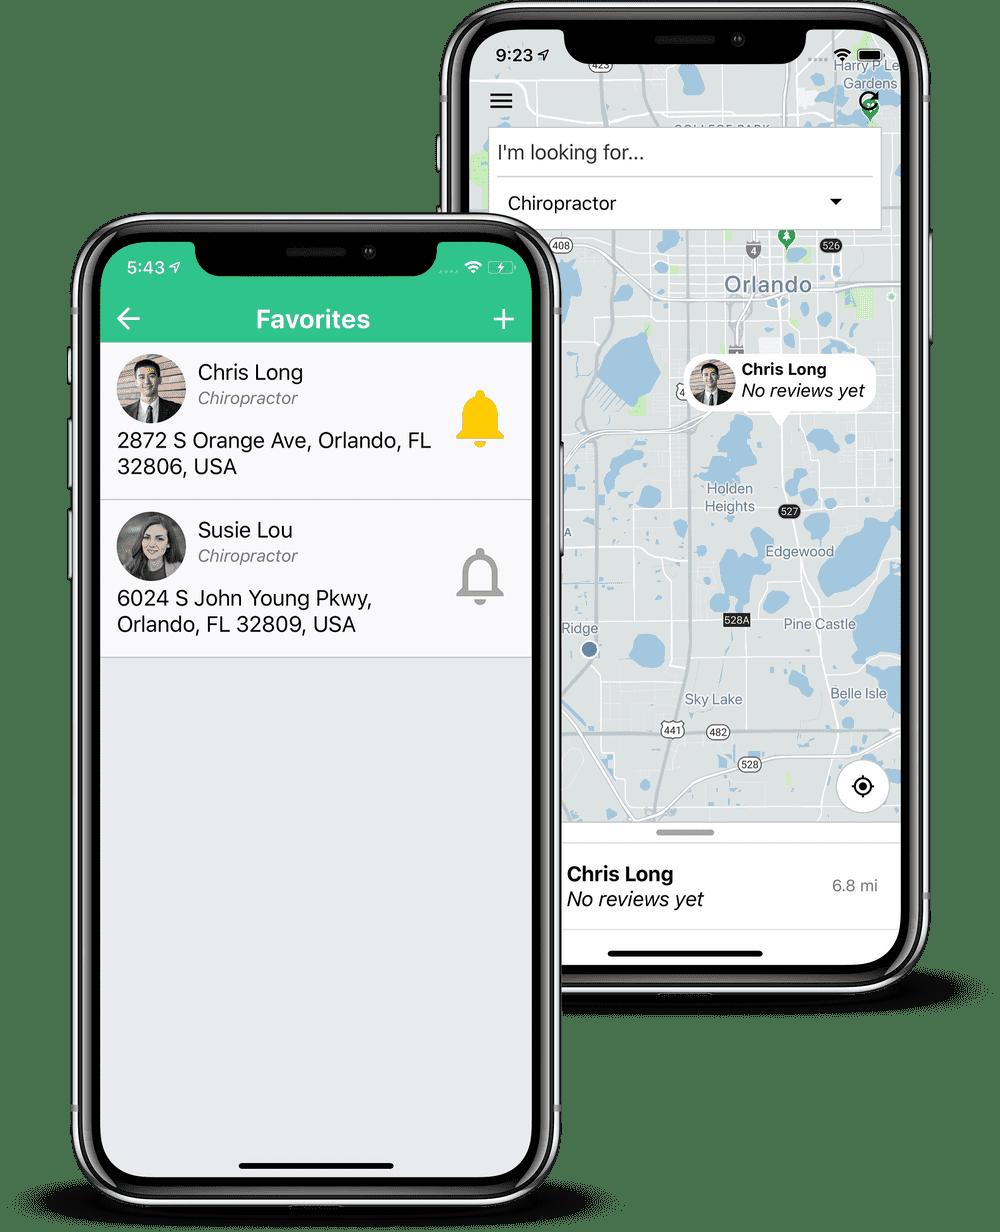 App showcase features